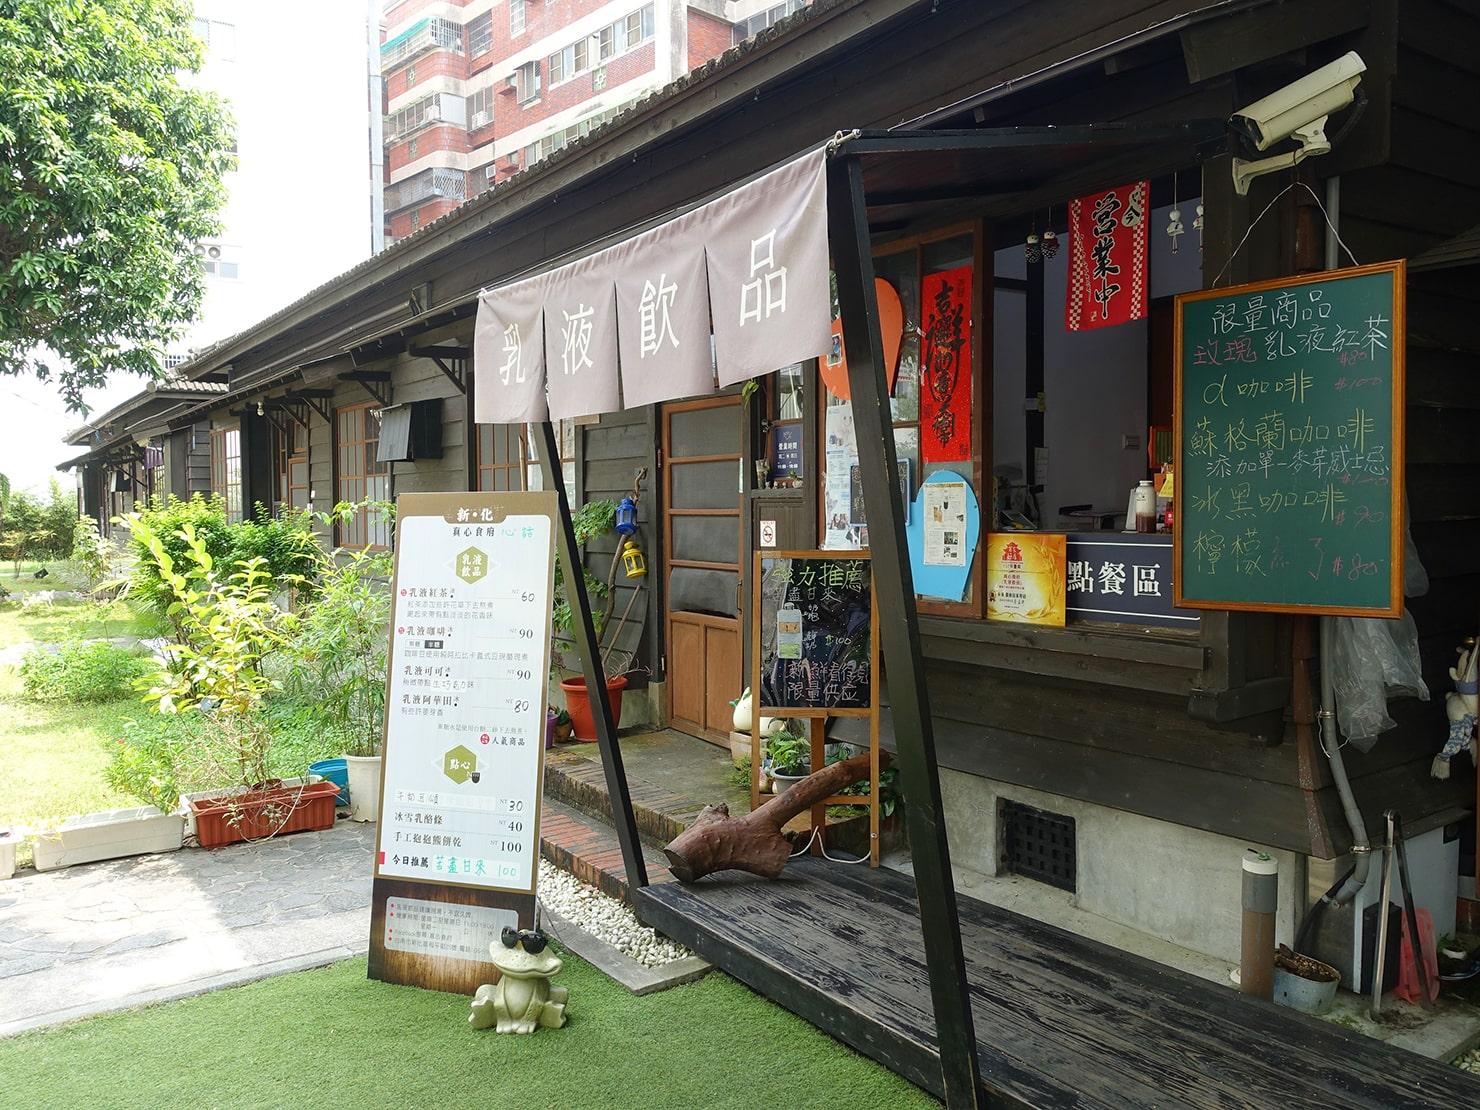 台南市街郊外のおすすめ観光スポット「大目降文化園區」のドリンクスタンド